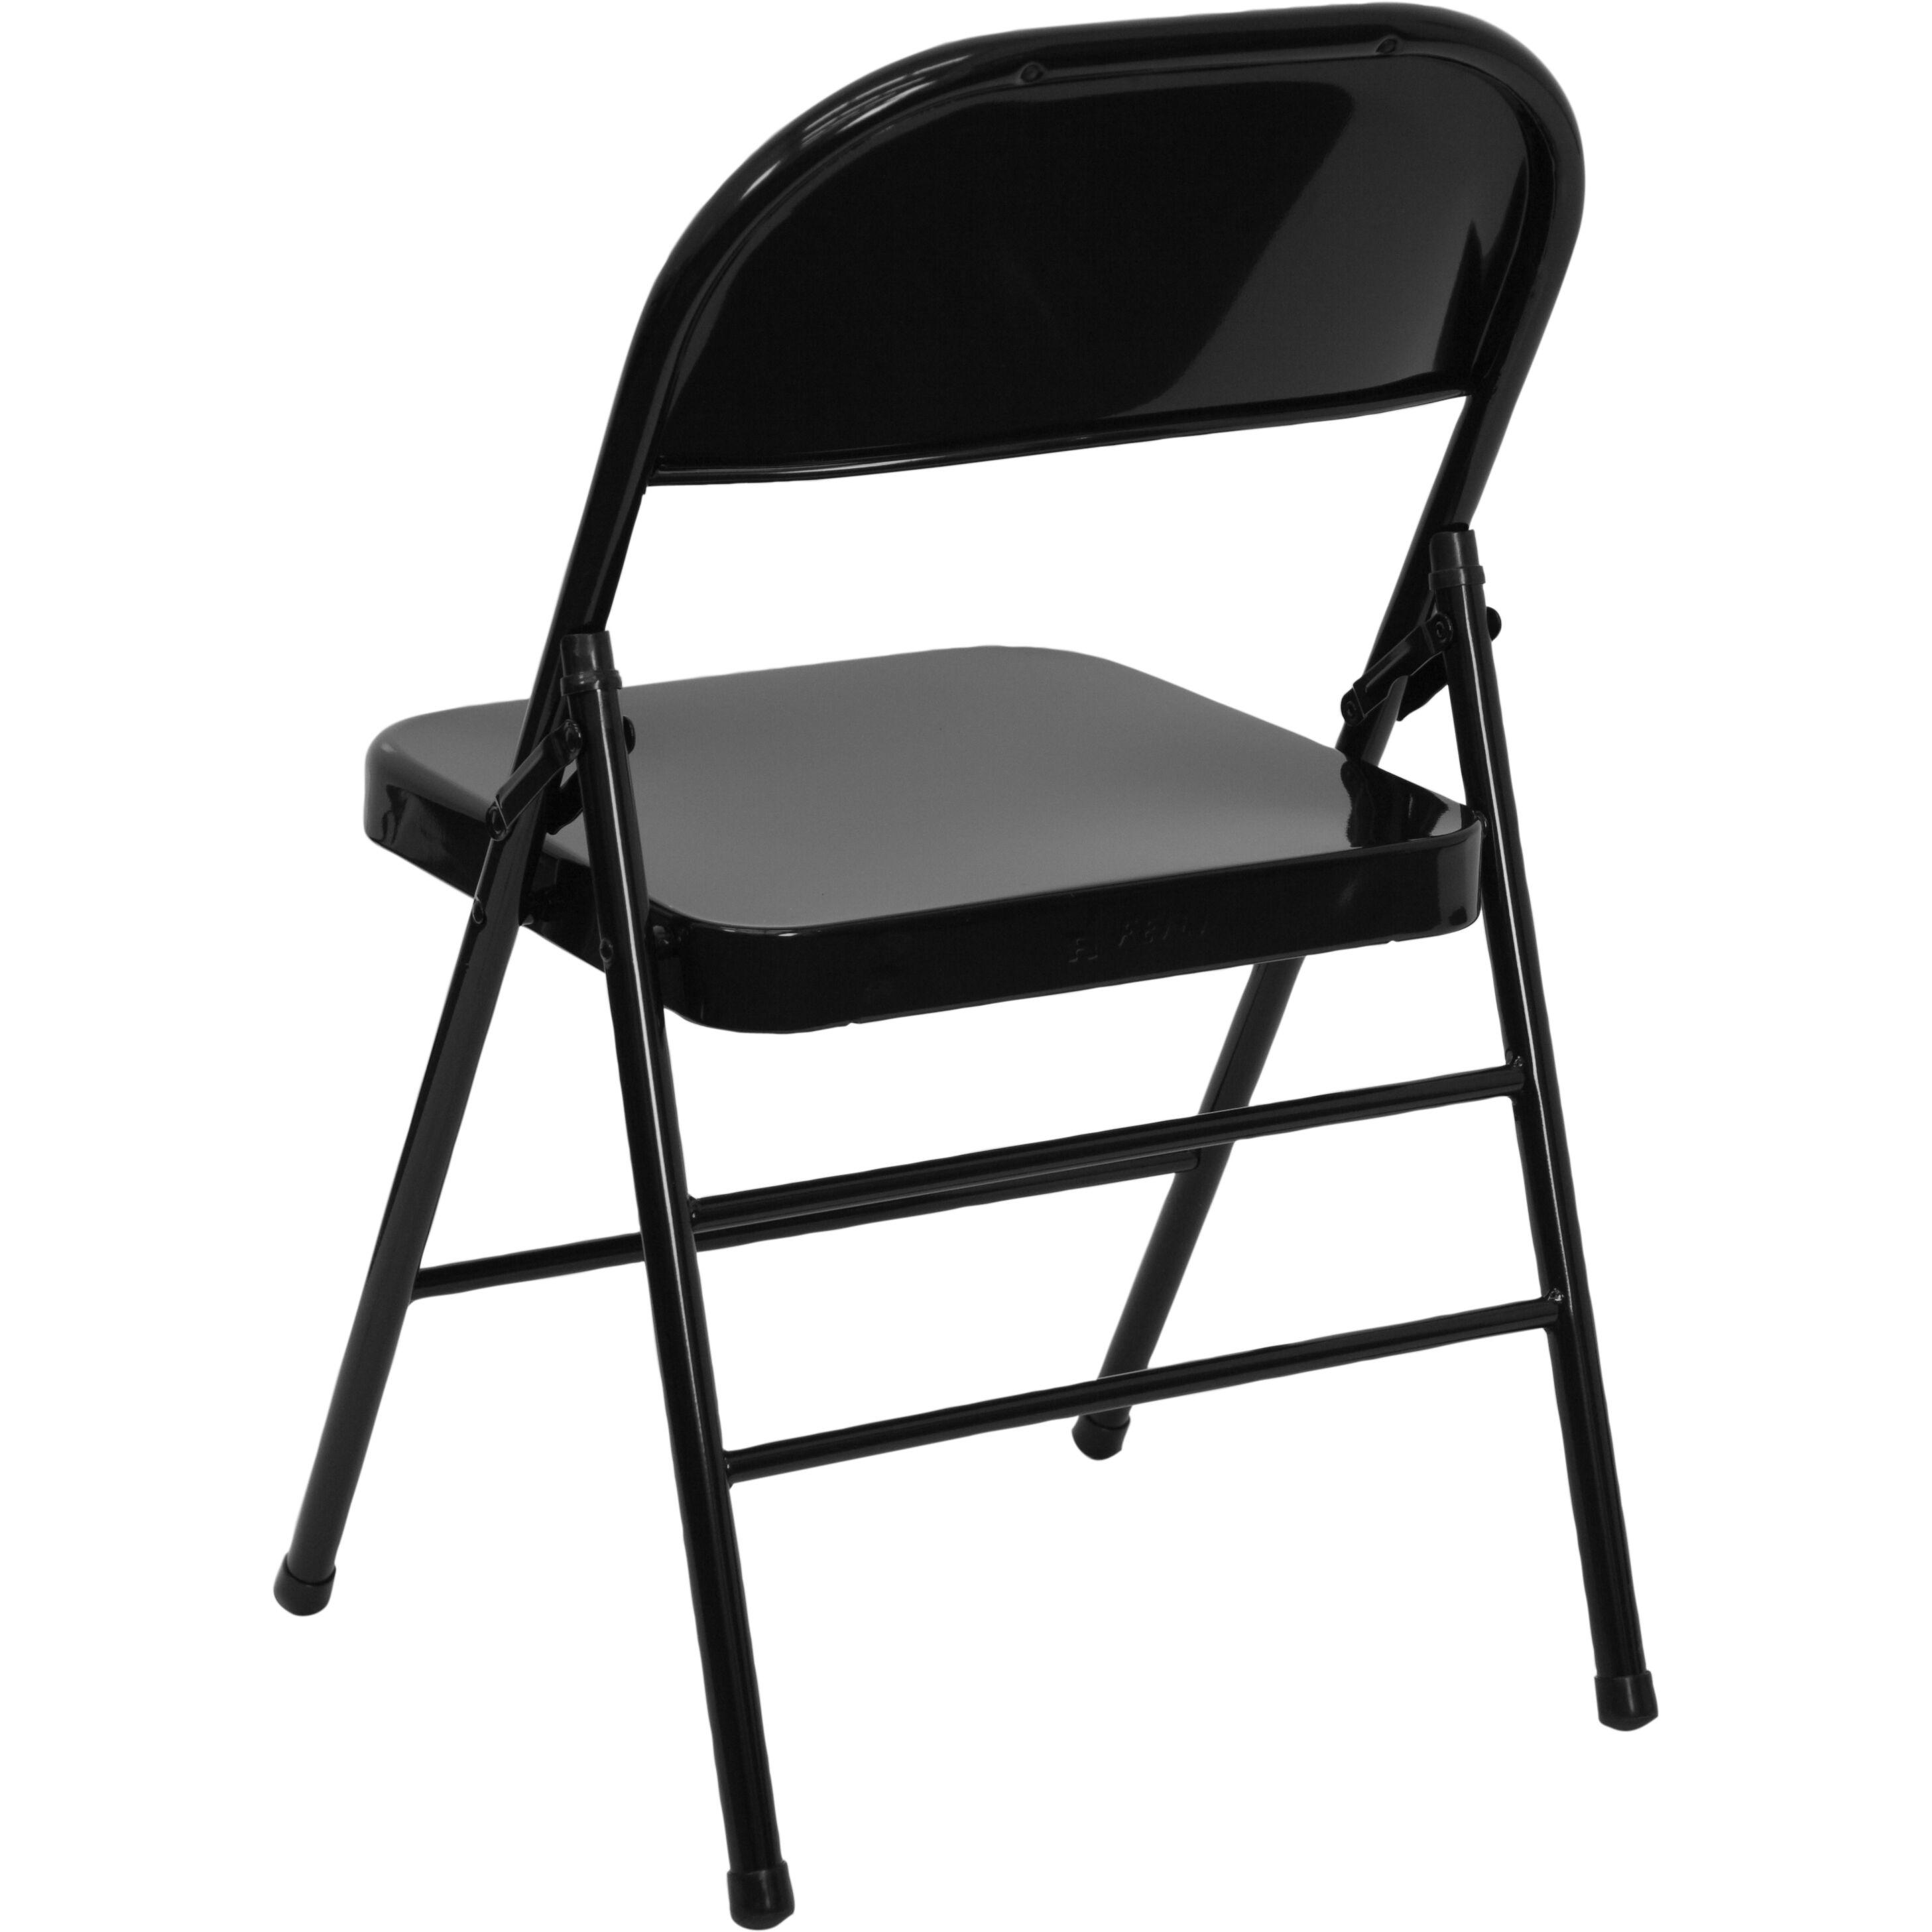 ... Our HERCULES Series Triple Braced U0026 Double Hinged Black Metal Folding  Chair Is On Sale ...